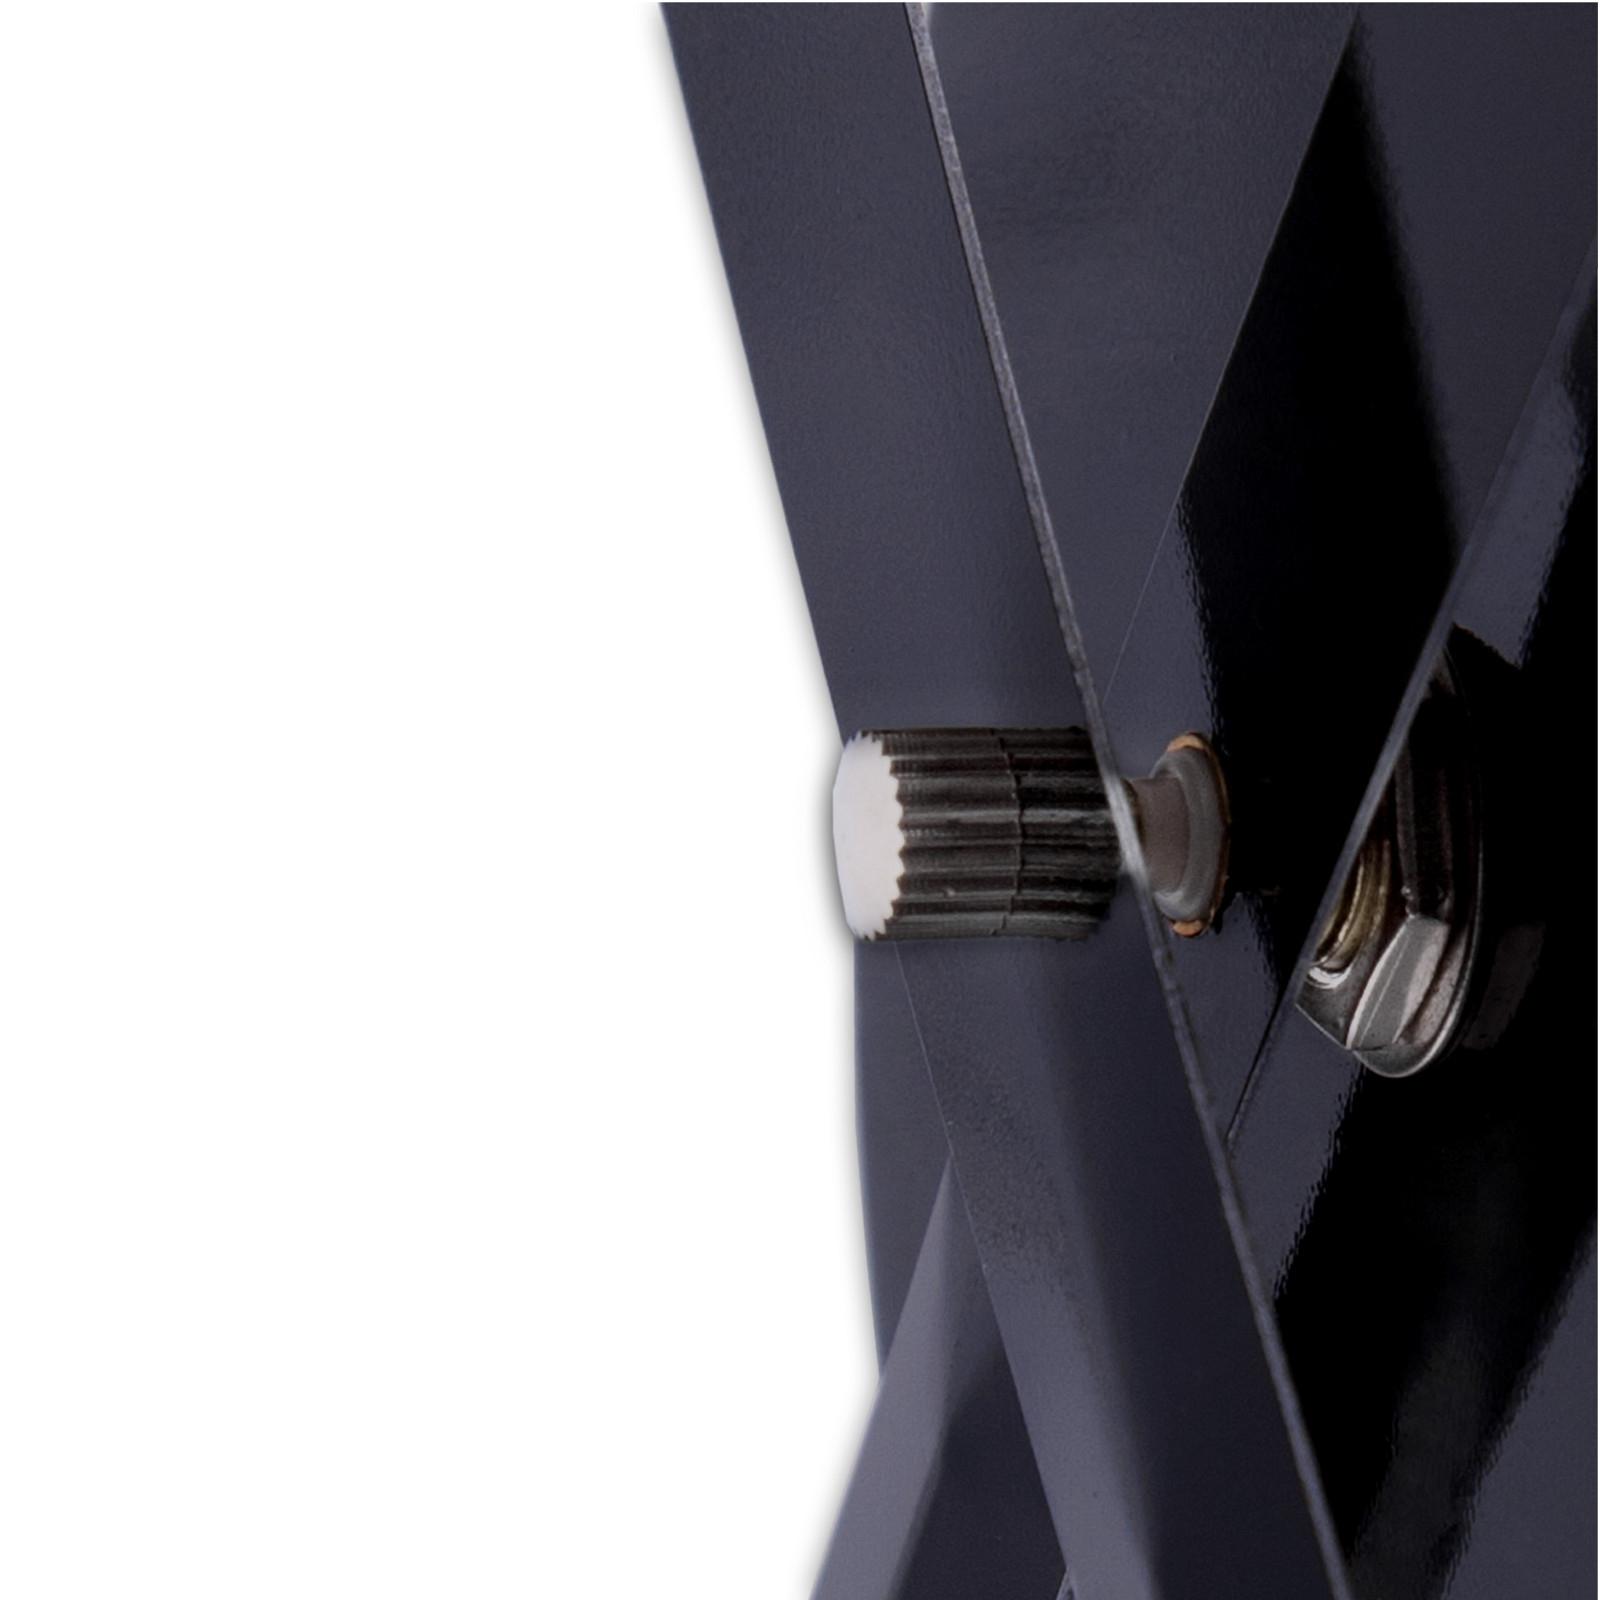 gro e wanduhr big time uhrwerk schwarz 80 cm. Black Bedroom Furniture Sets. Home Design Ideas